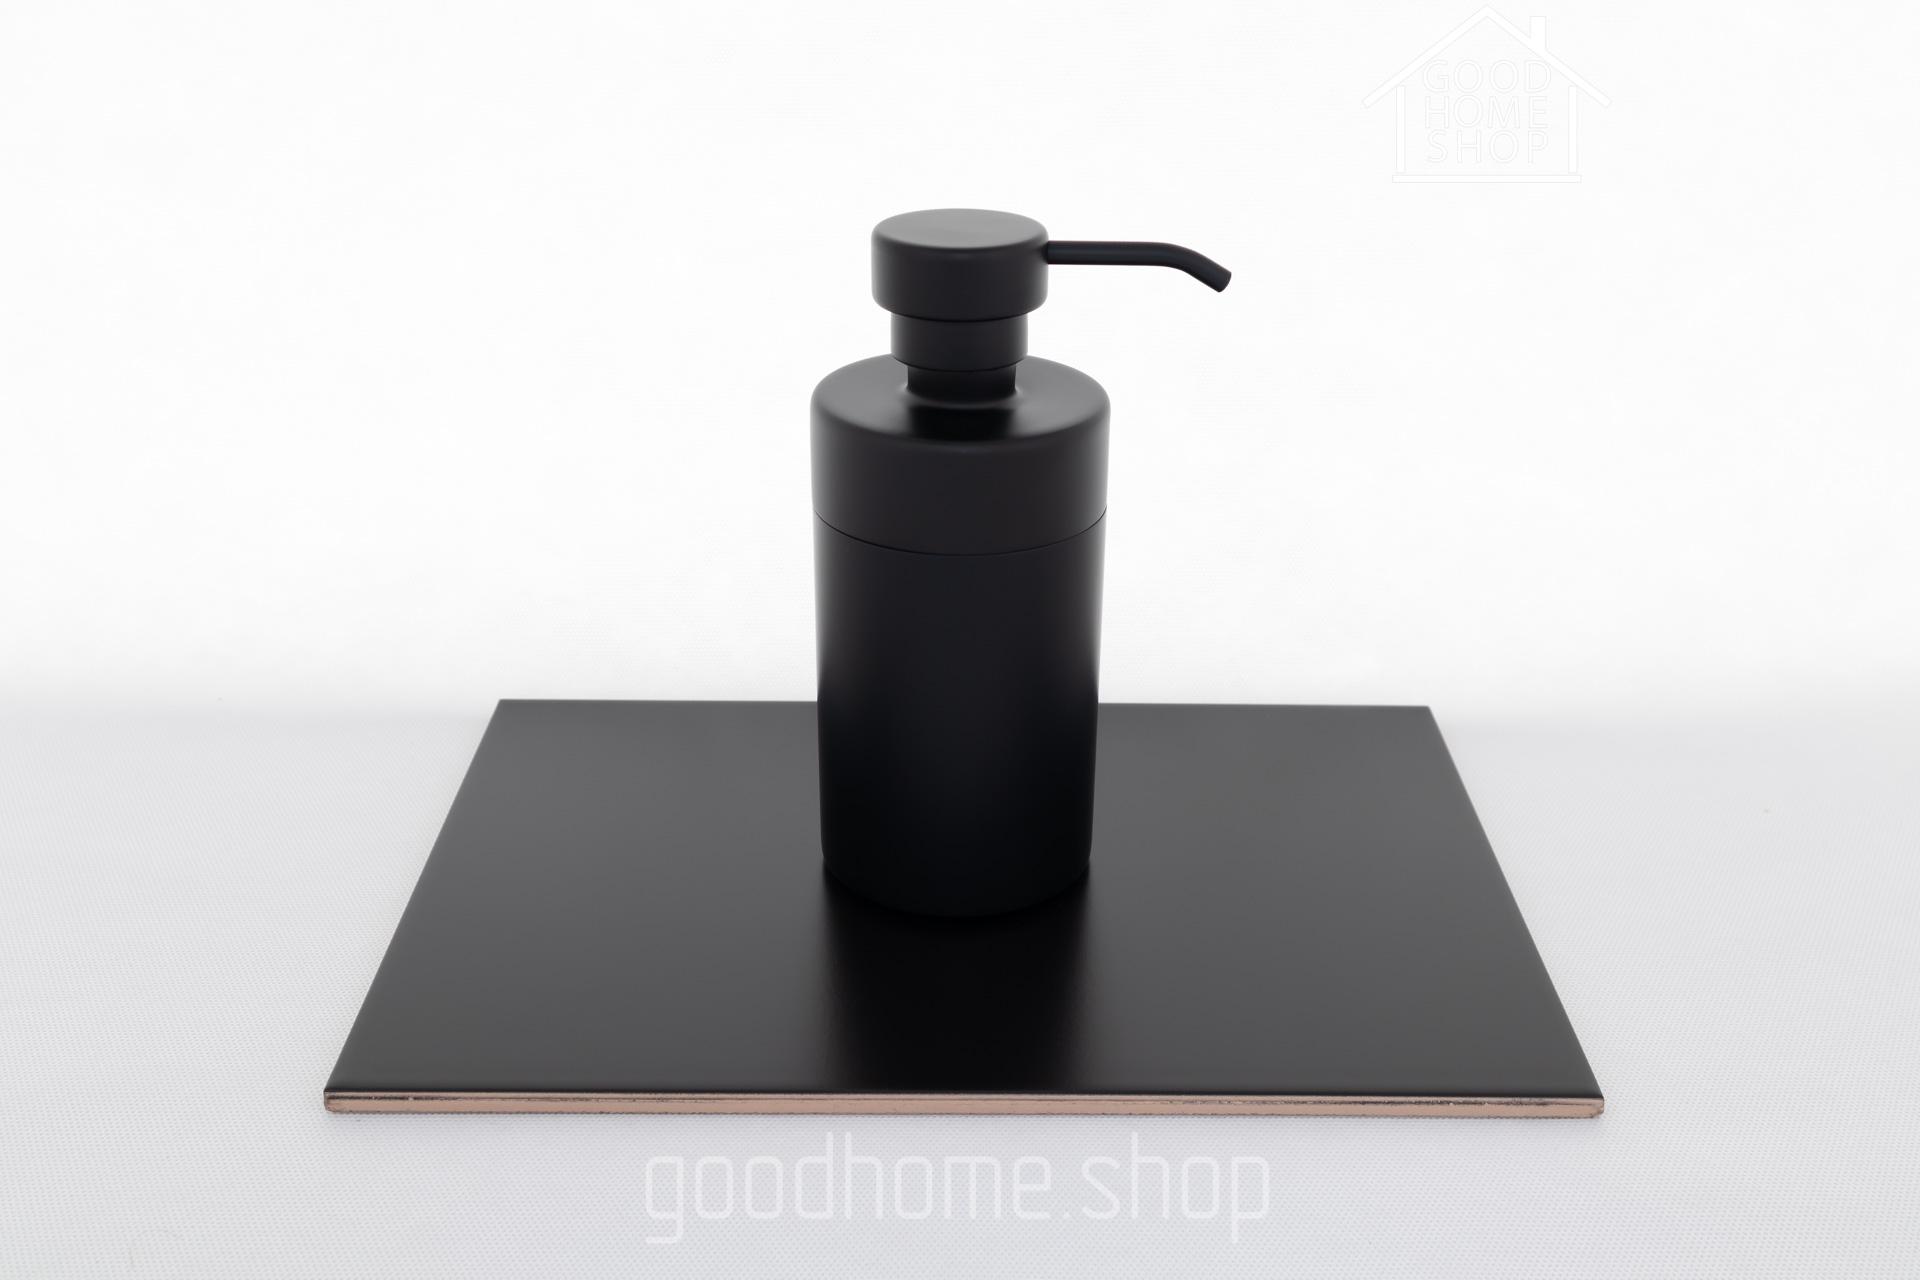 Дозатор для жидкого мыла NERO Matt black